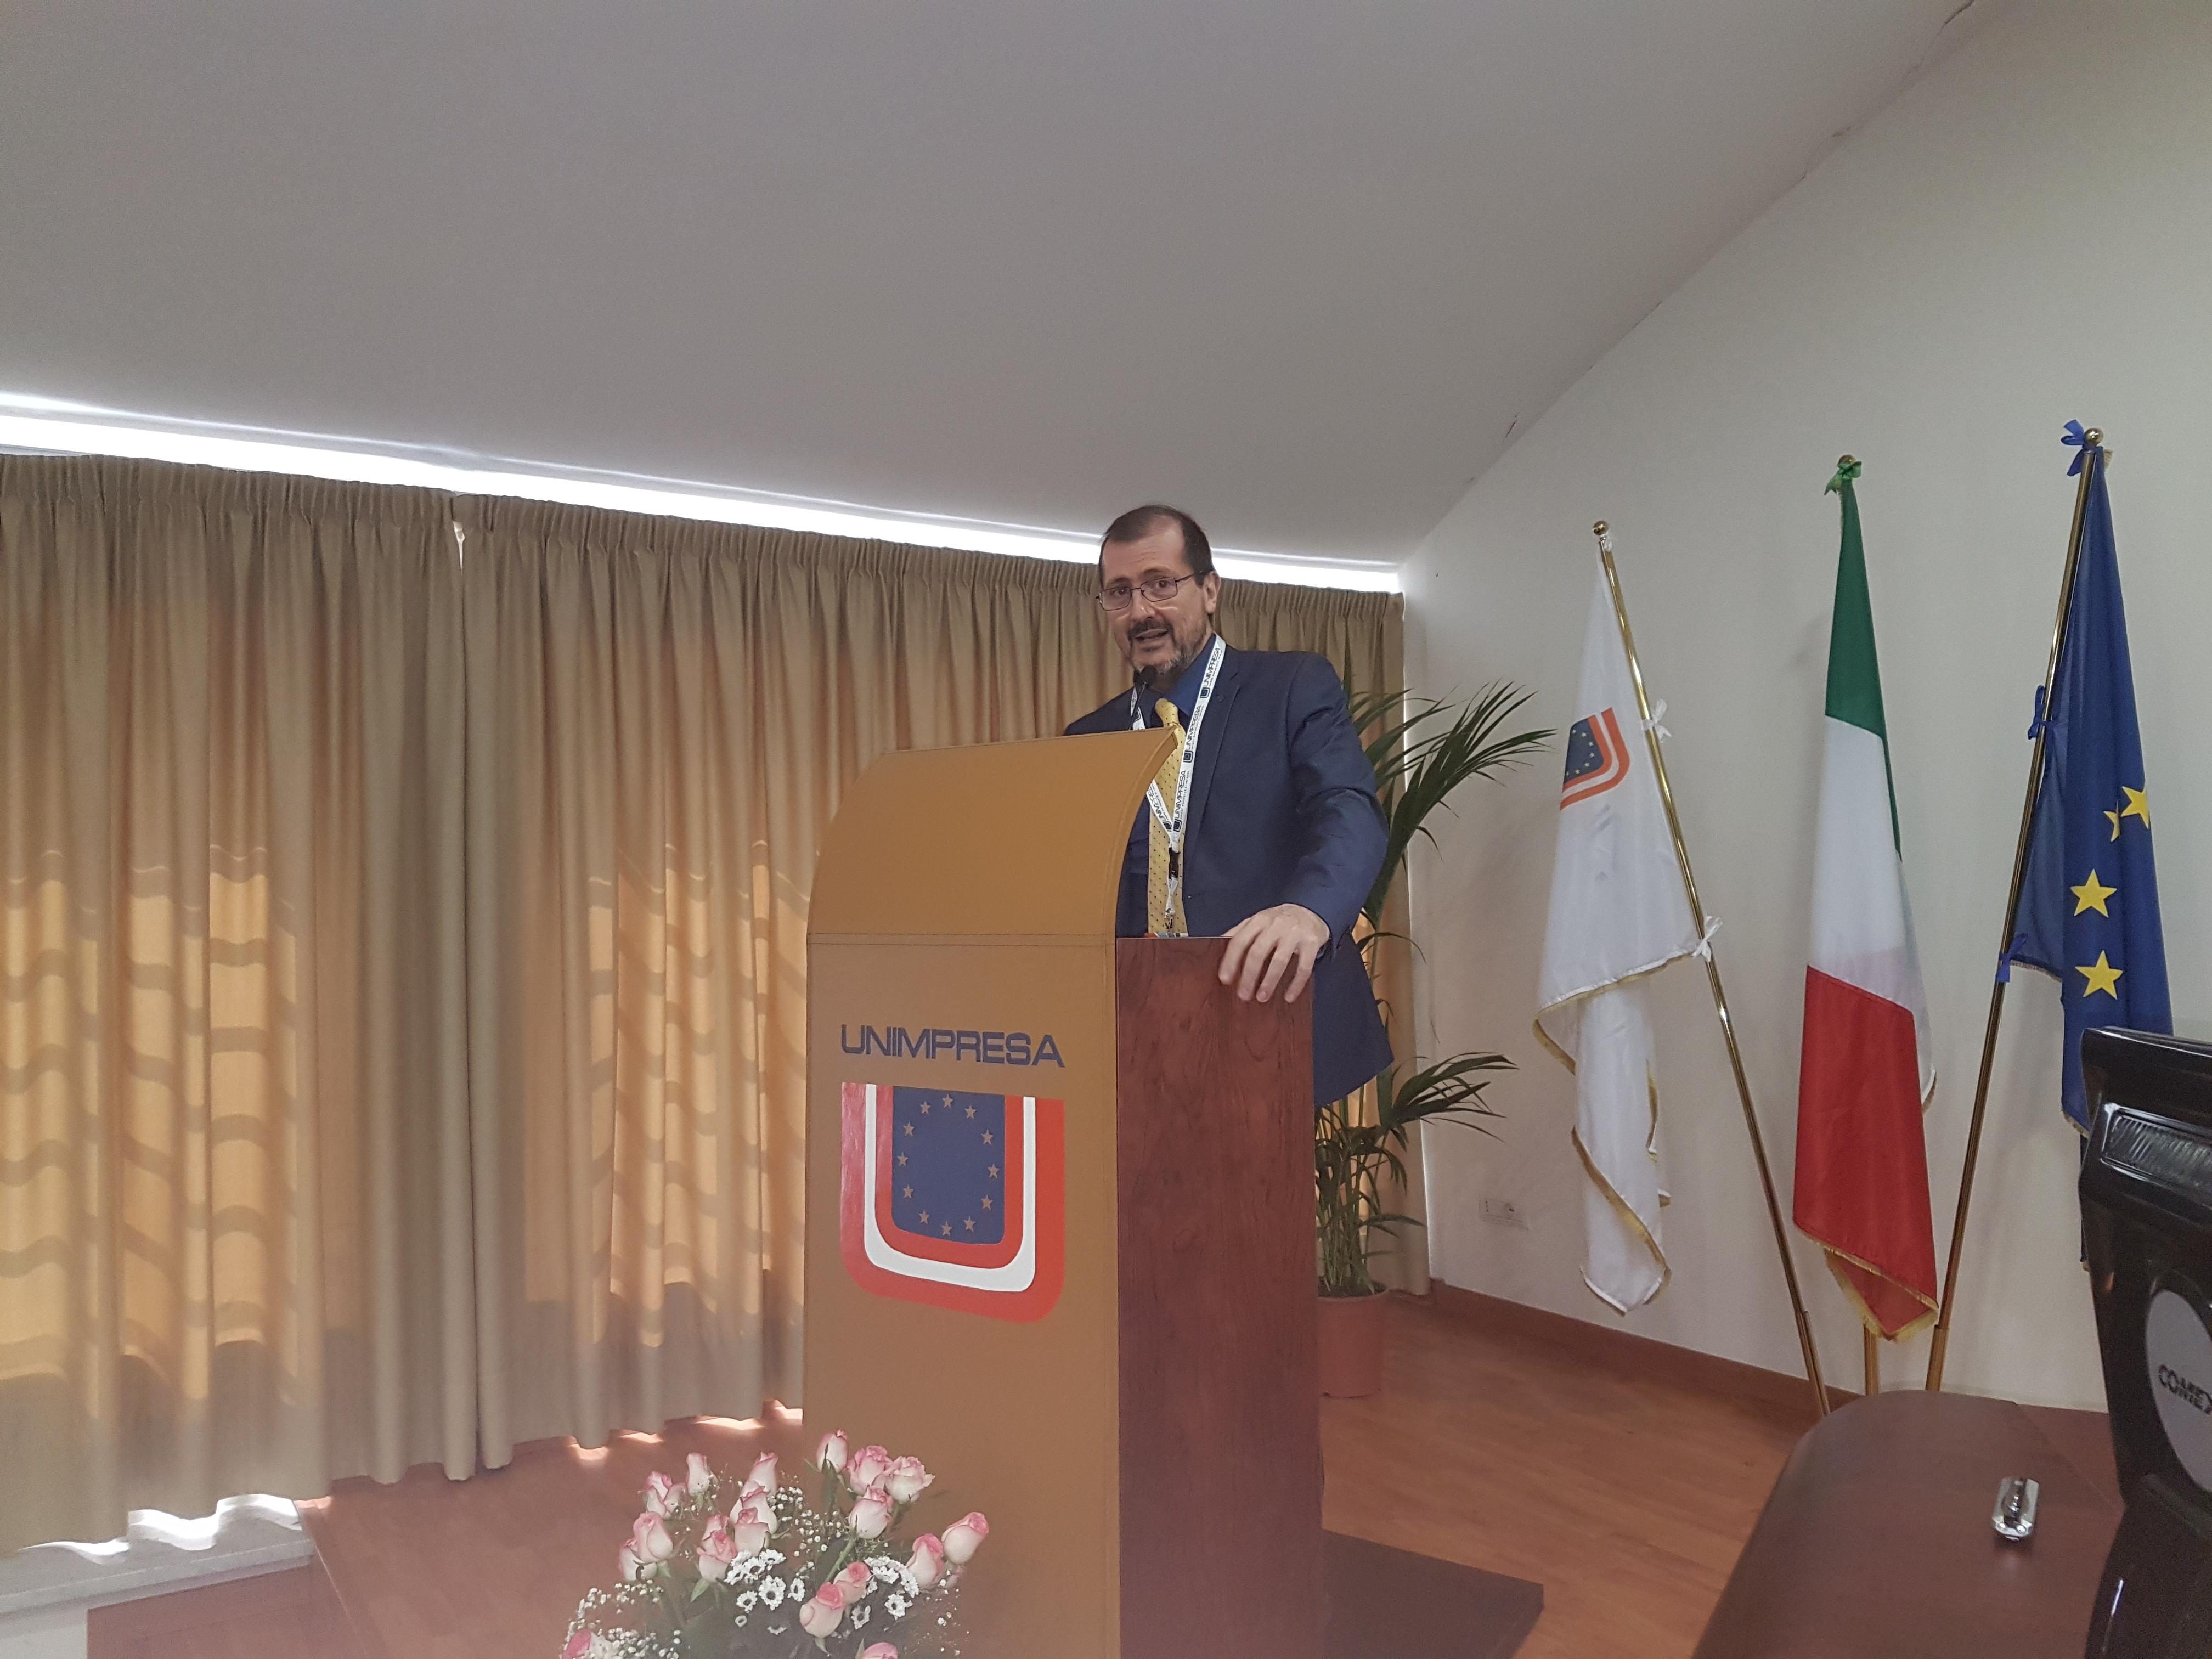 Segretario generale Confintesa